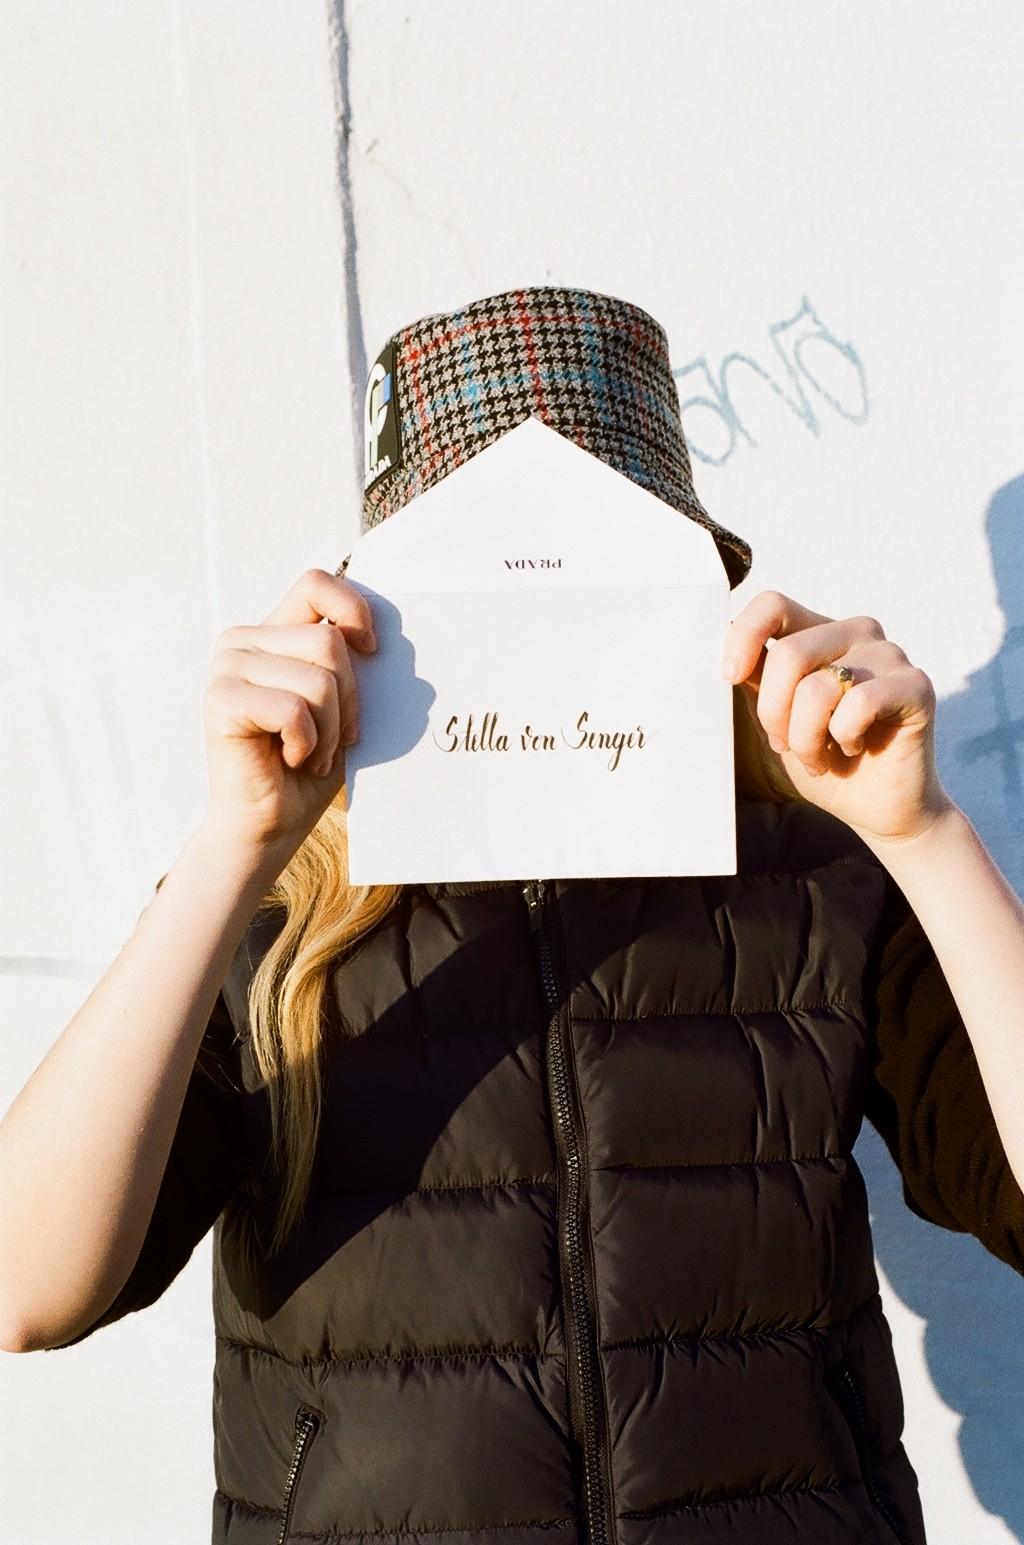 STELLA VON SENGER – HAIR & MAKE-UP ARTIST Prada x Stella von Senger